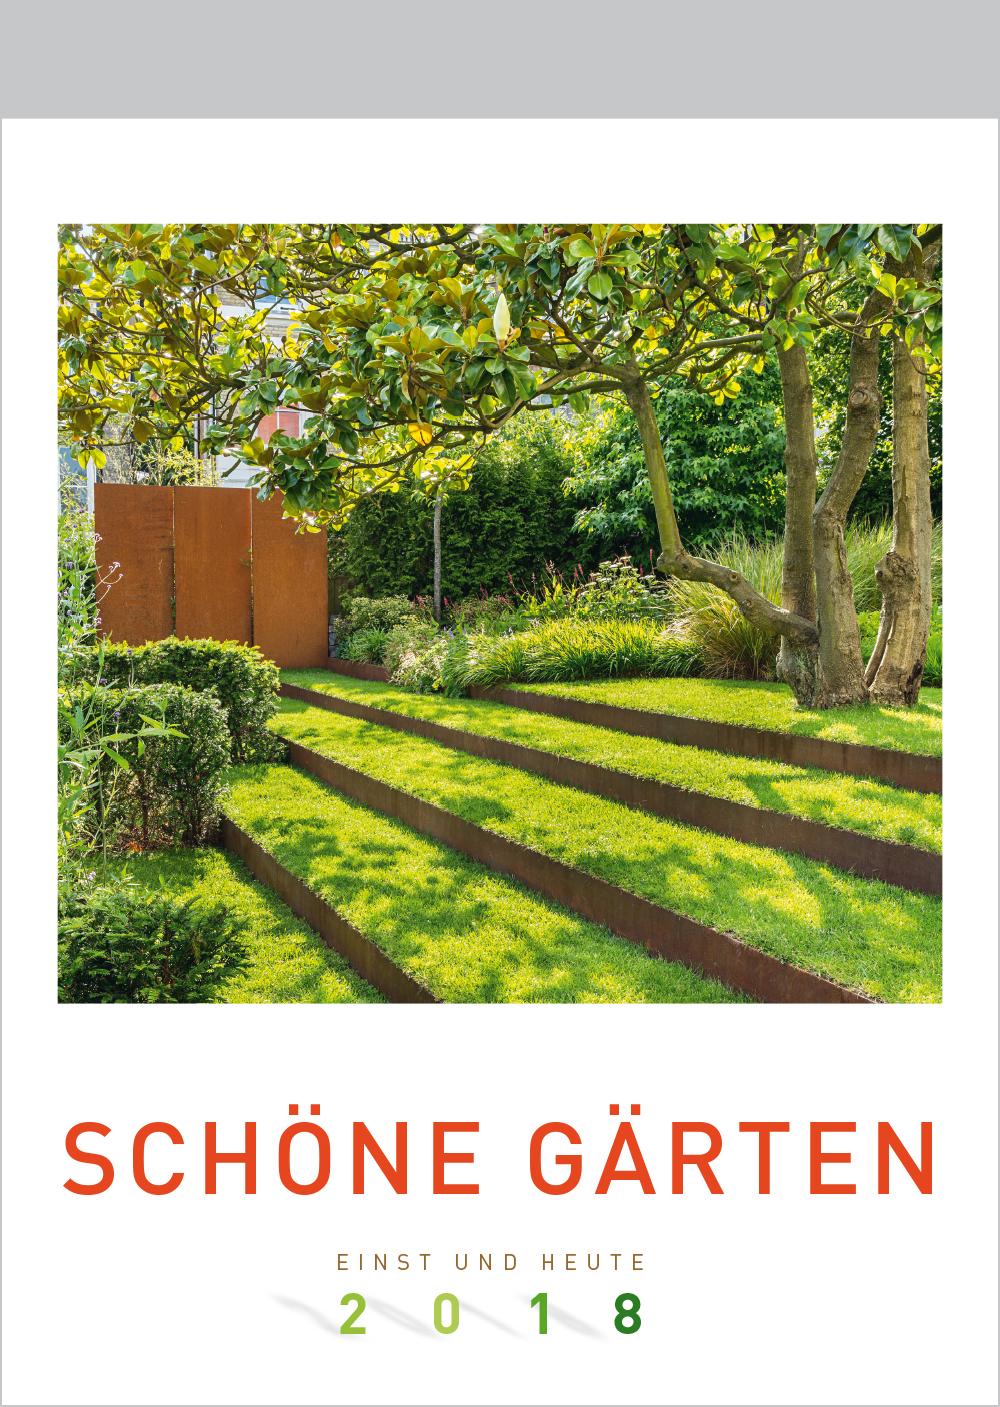 Schone Garten Einst Und Heute 2018 Patzer Verlag Shop